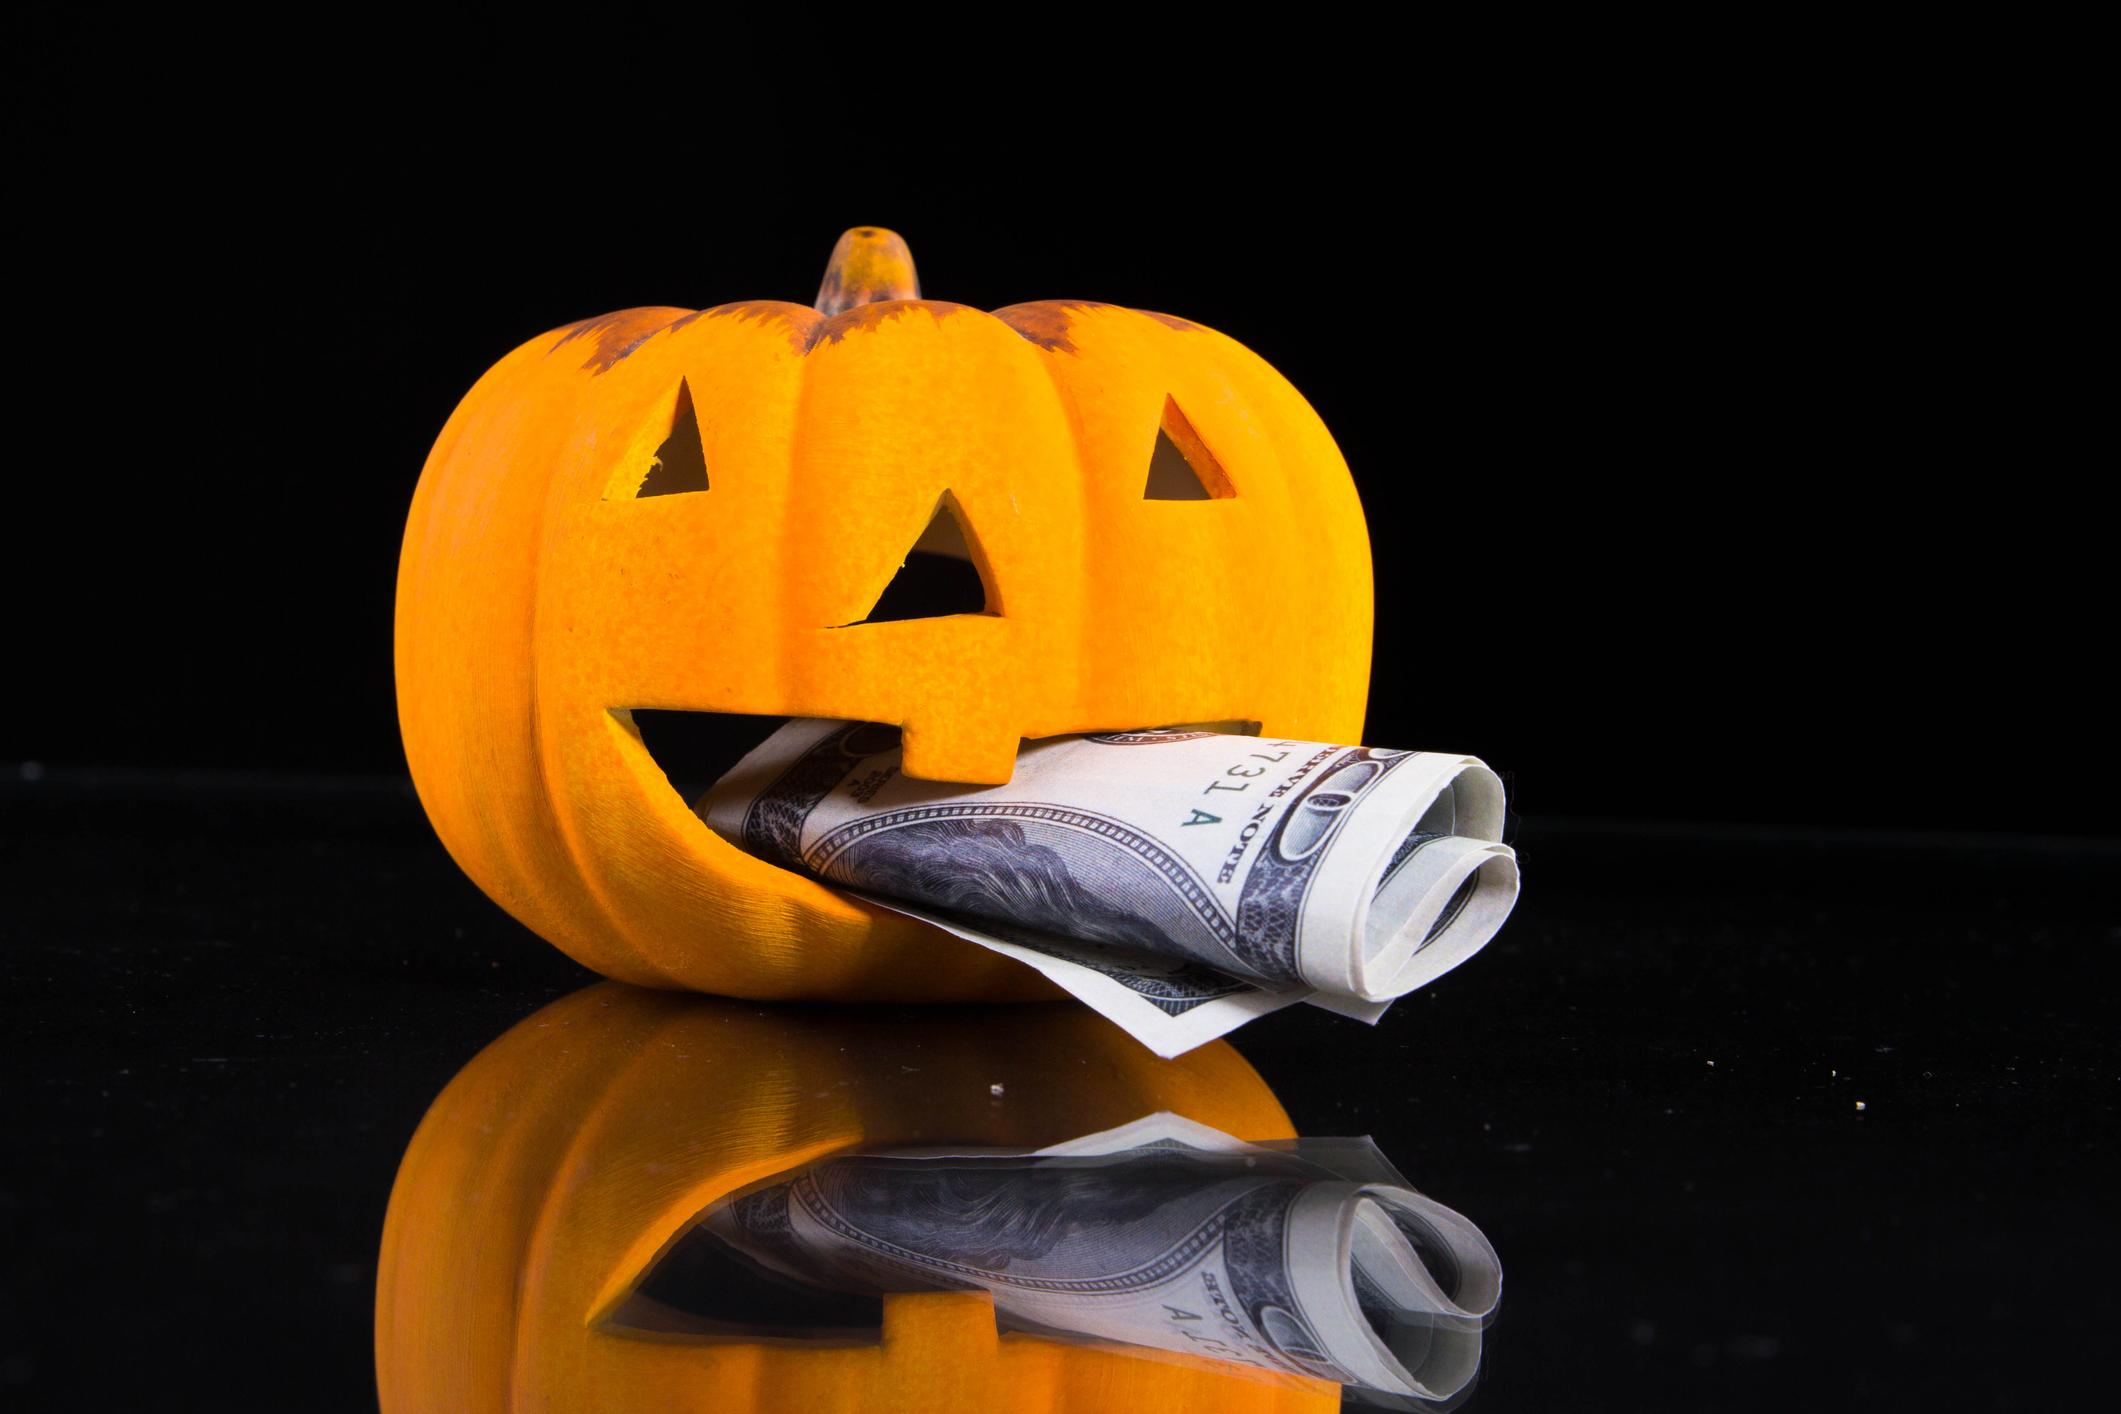 3 Stocks to Buy to Sweeten Your Portfolio This Halloween